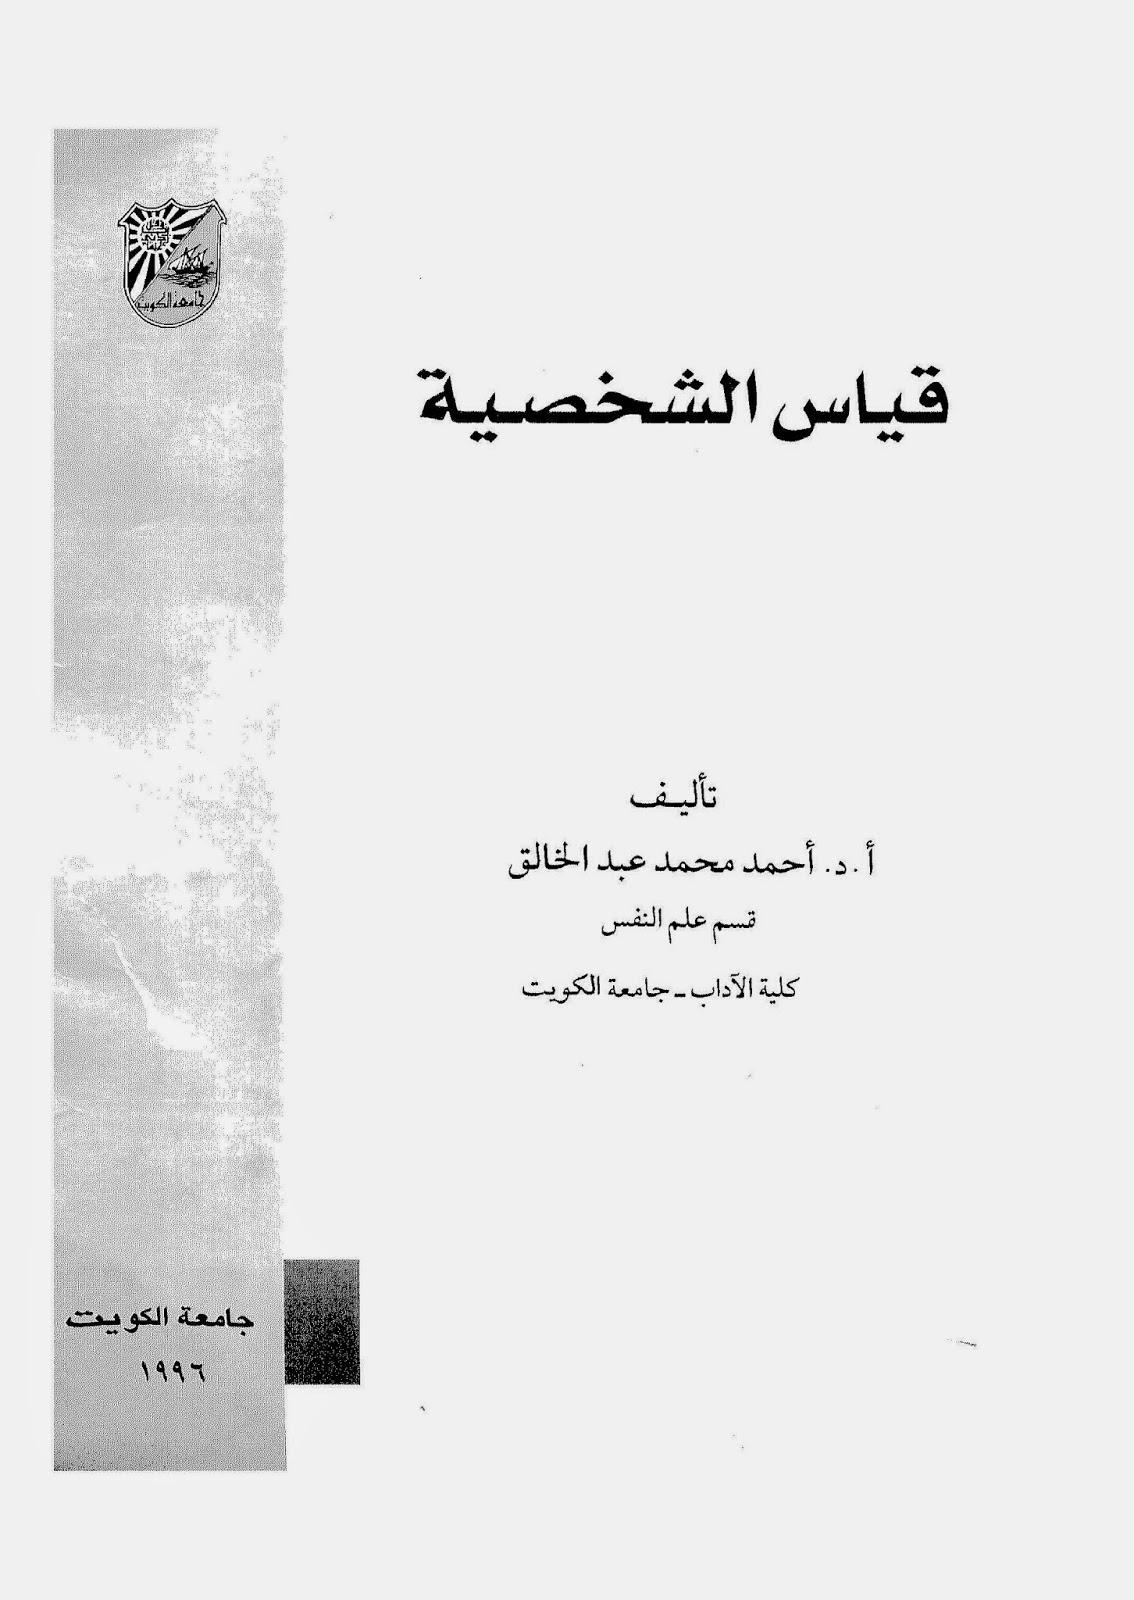 كتاب قياس الشخصية لـ أحمد عبد الخالق